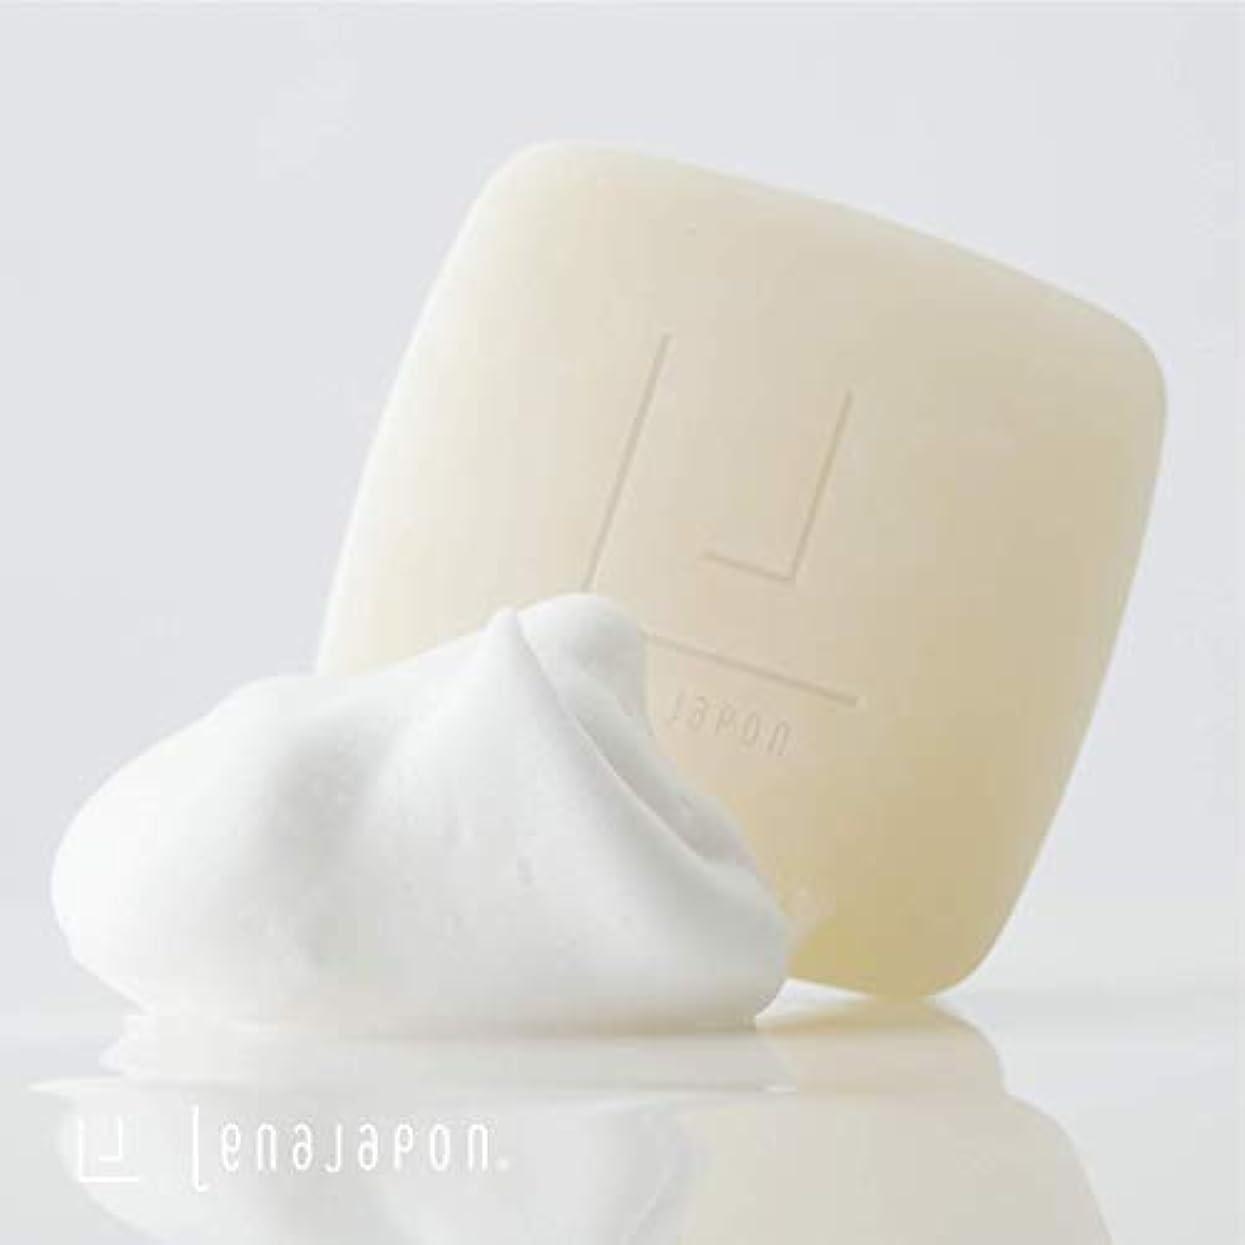 タール親引き金レナジャポン〈洗顔石鹸〉LJ モイストバー / LENAJAPON 〈rich foaming face soap〉 LJ MOIST BAR